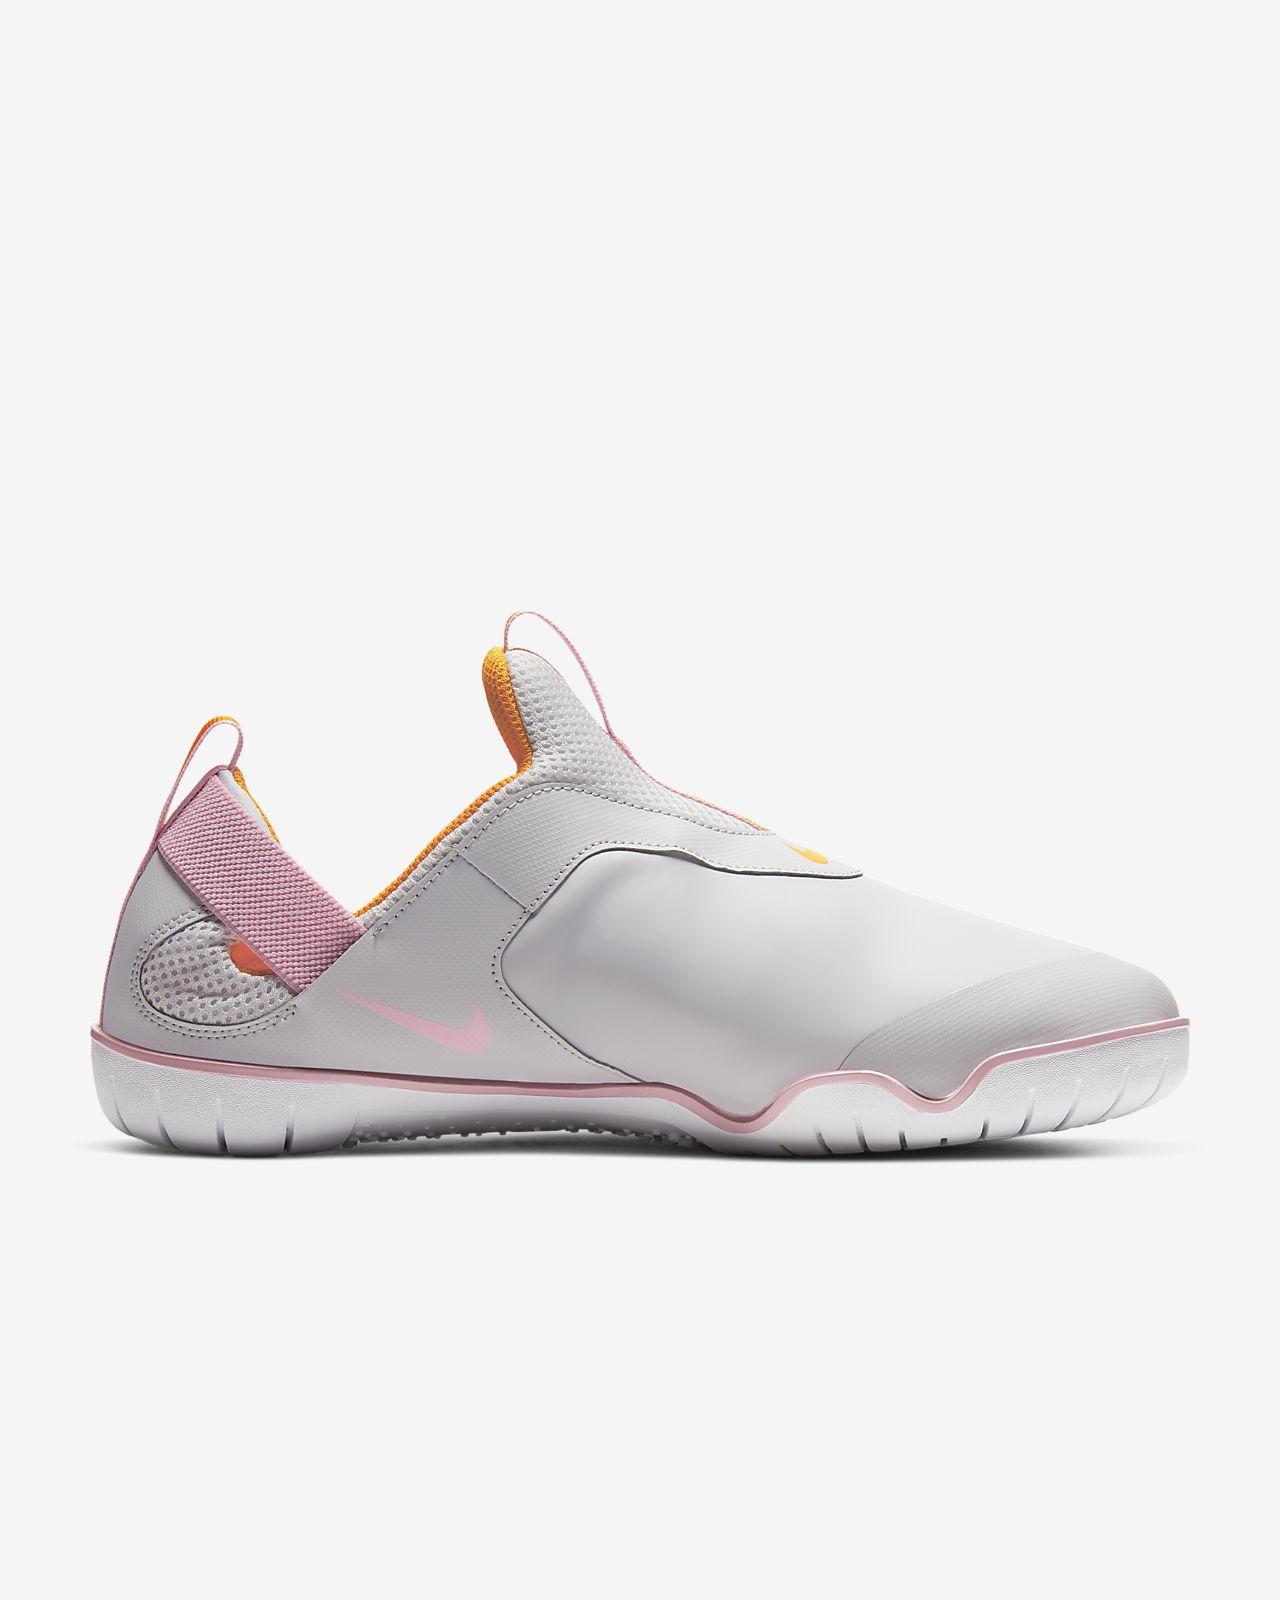 Nike Zoom Pulse Unisex Shoe